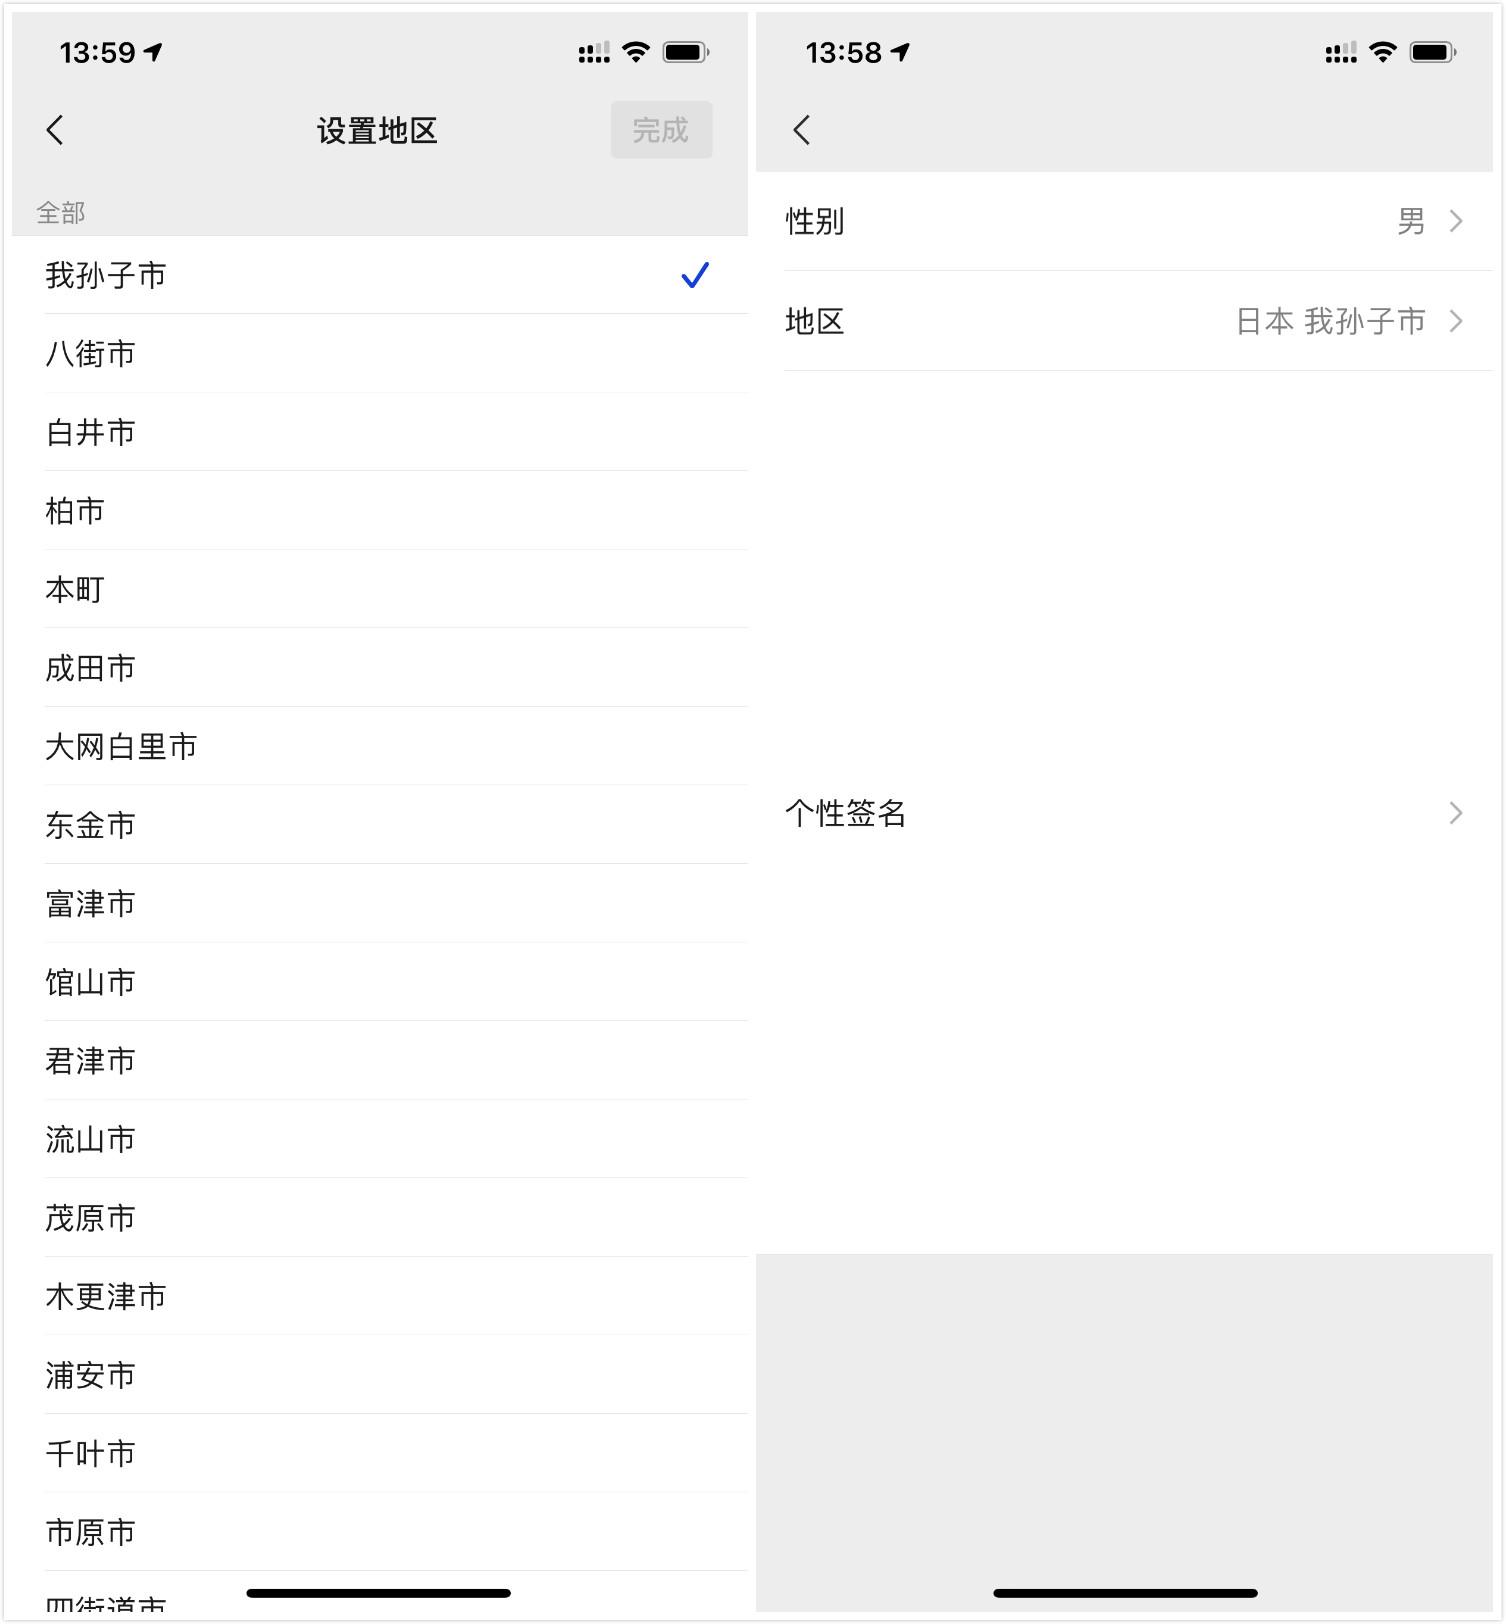 微信地区改 日本 我孙子市 方法